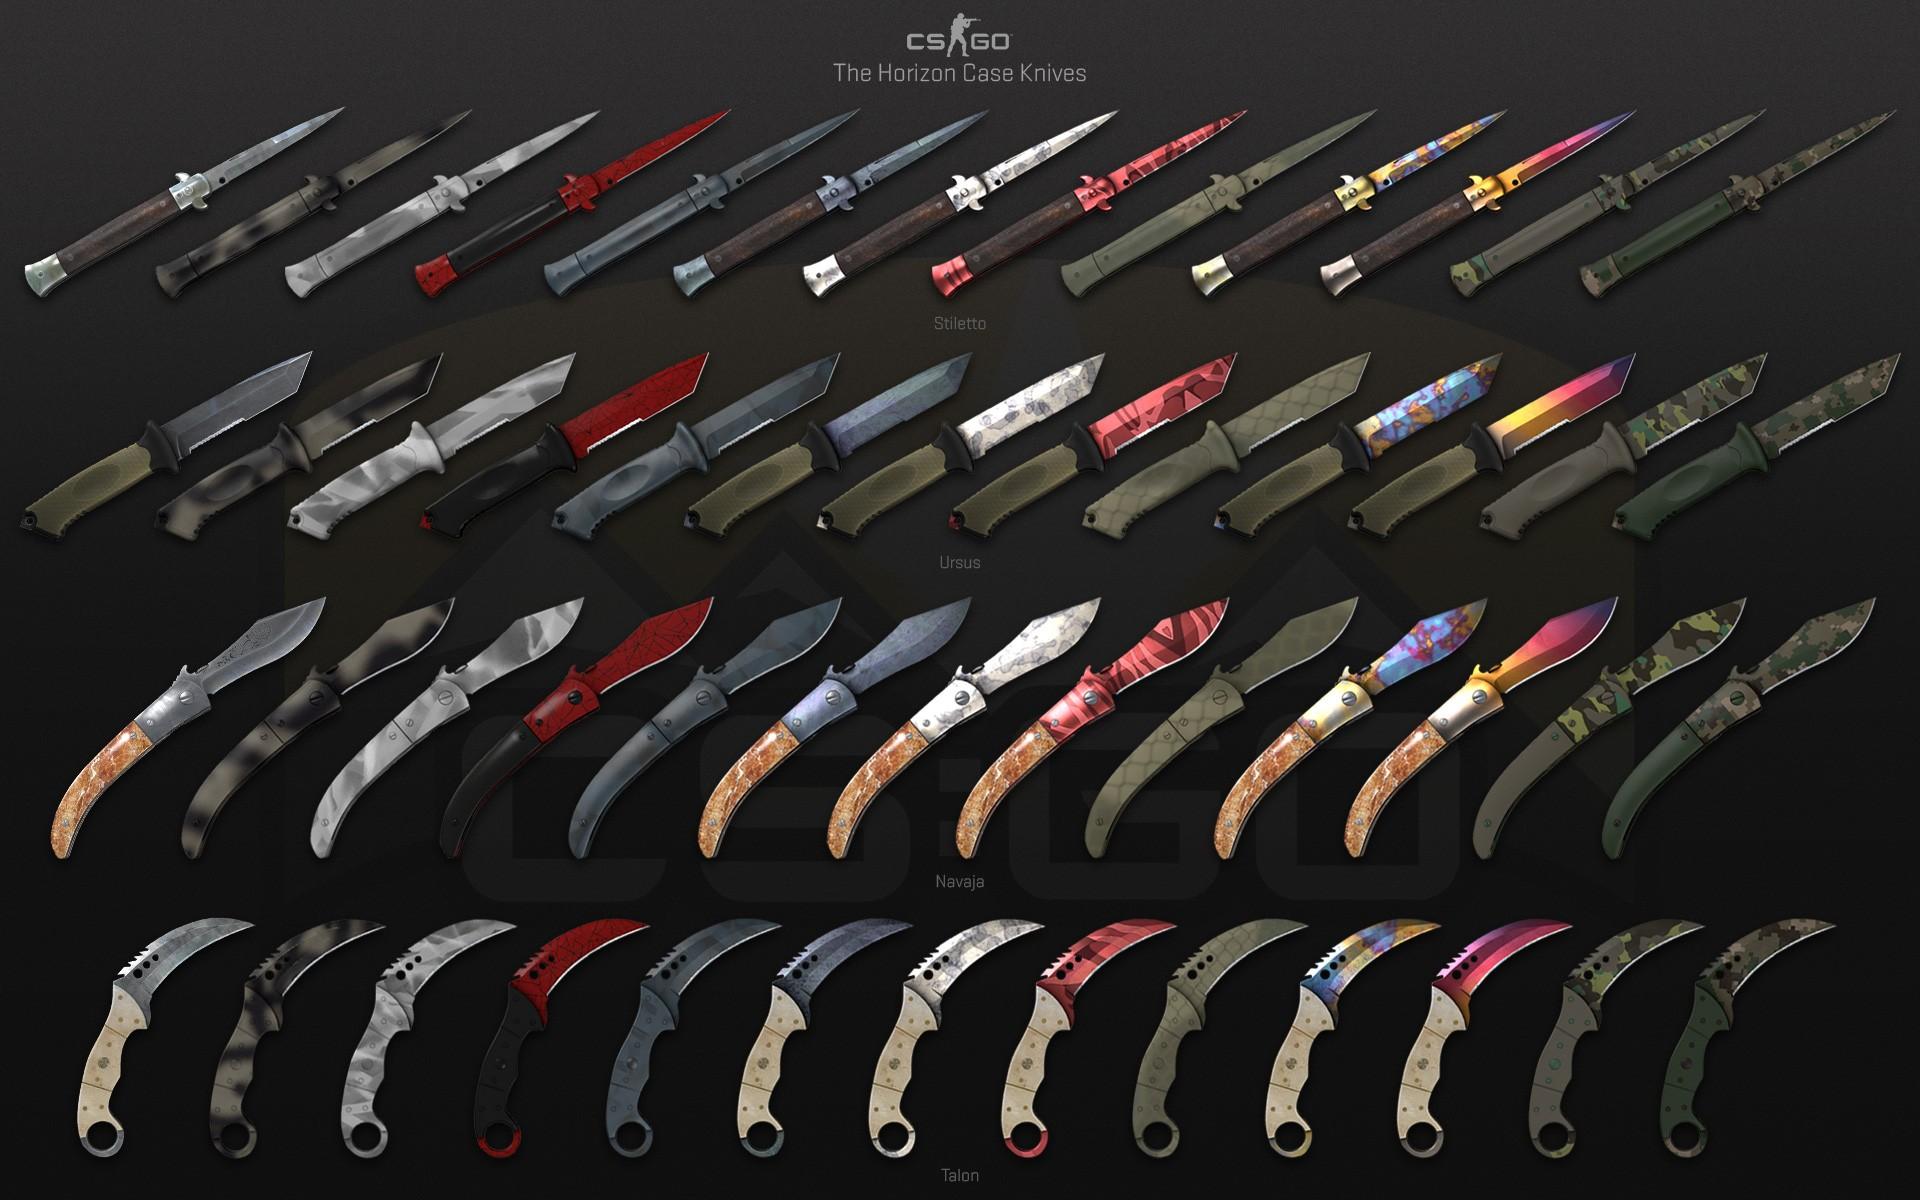 Cuchillos de la caja Horizon, que estarán incluidos como objeto especial en la nueva caja Danger Zone de CS:GO